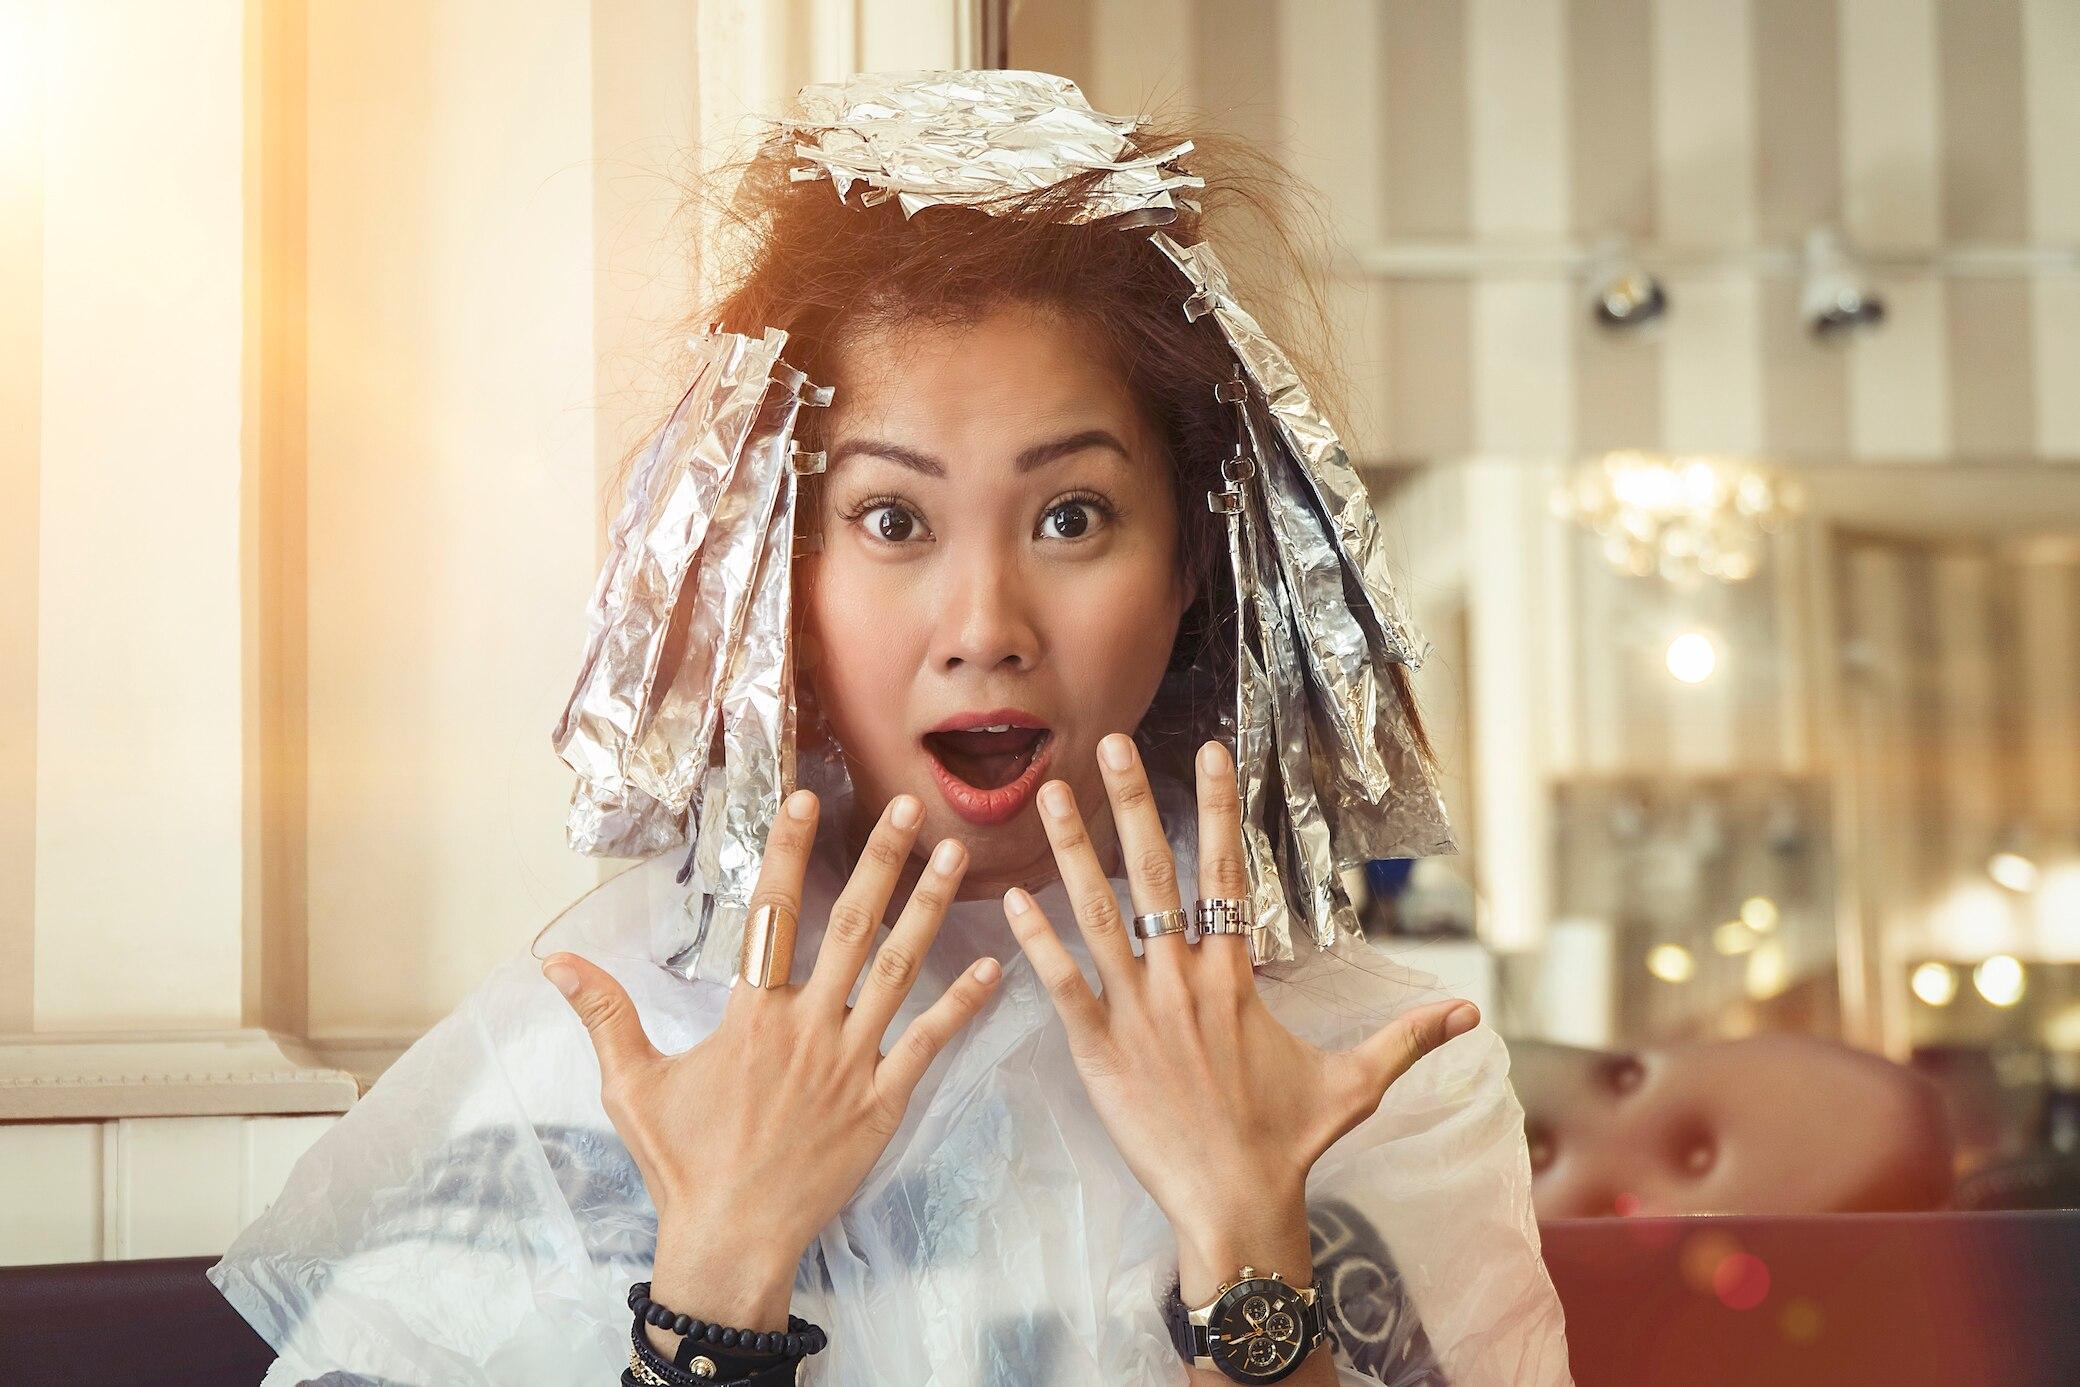 Haare zu hell gesträhnt was tun